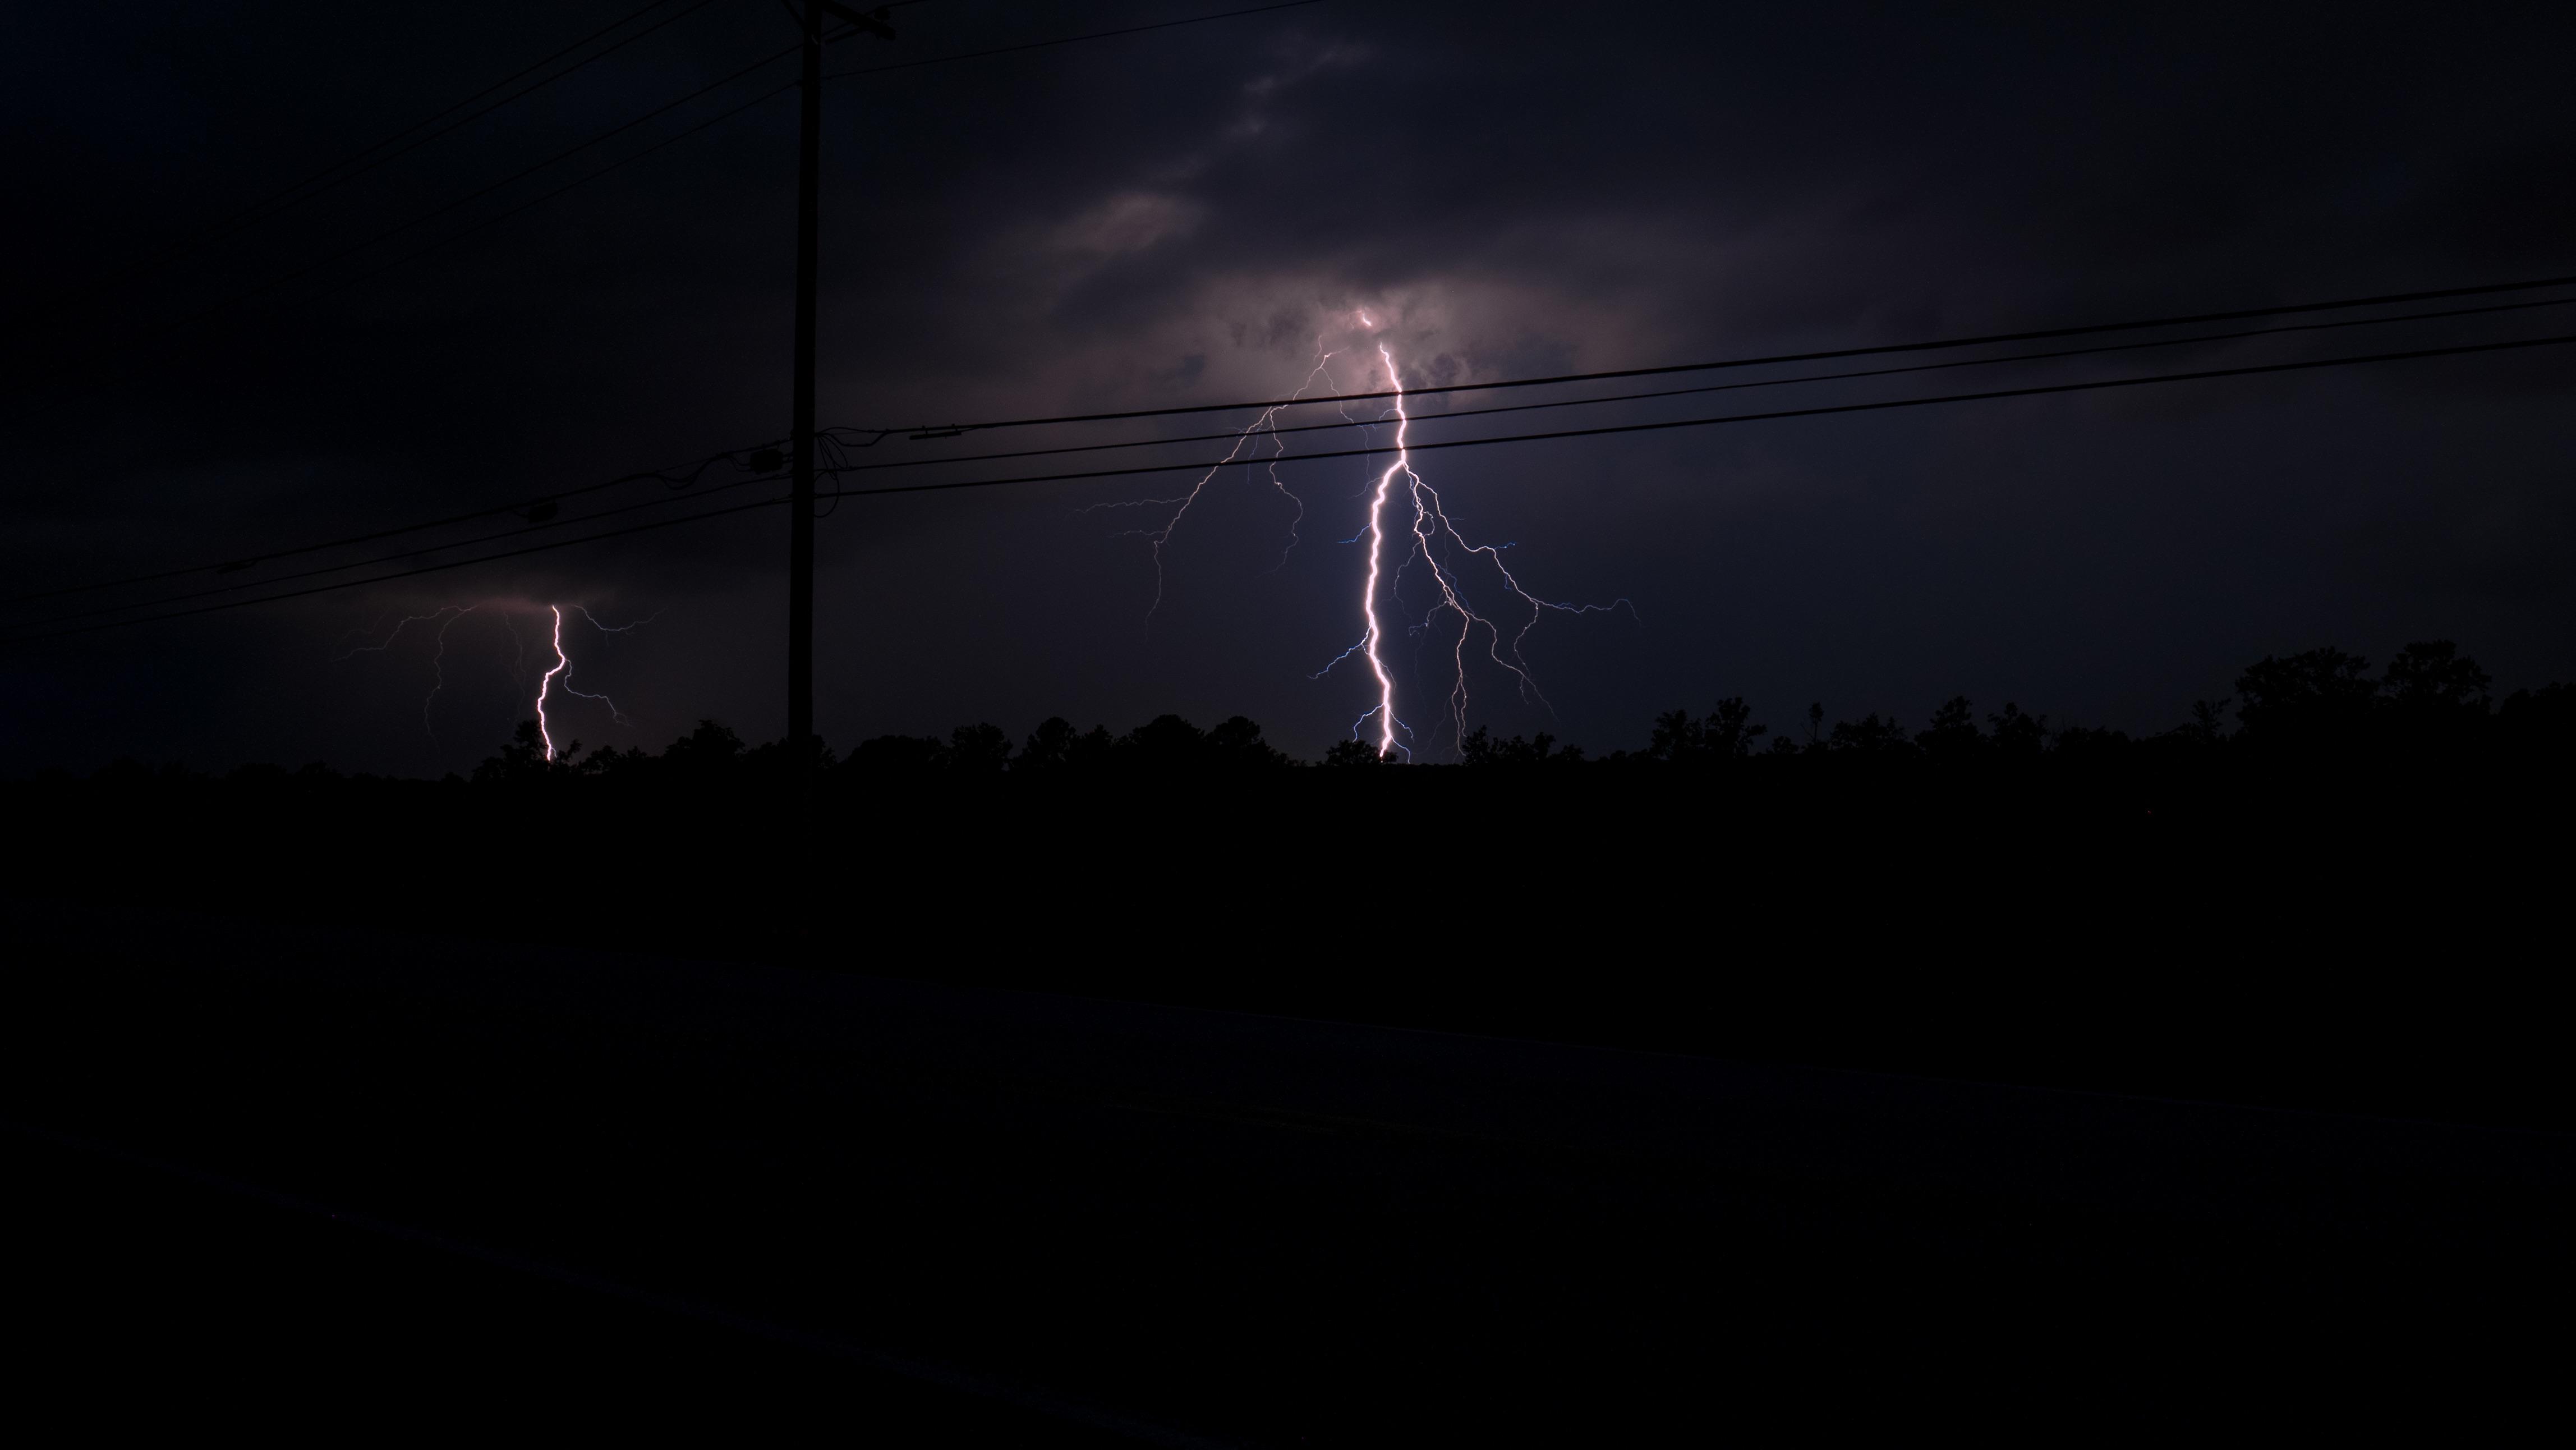 был атмосферное электричество фото стандартном